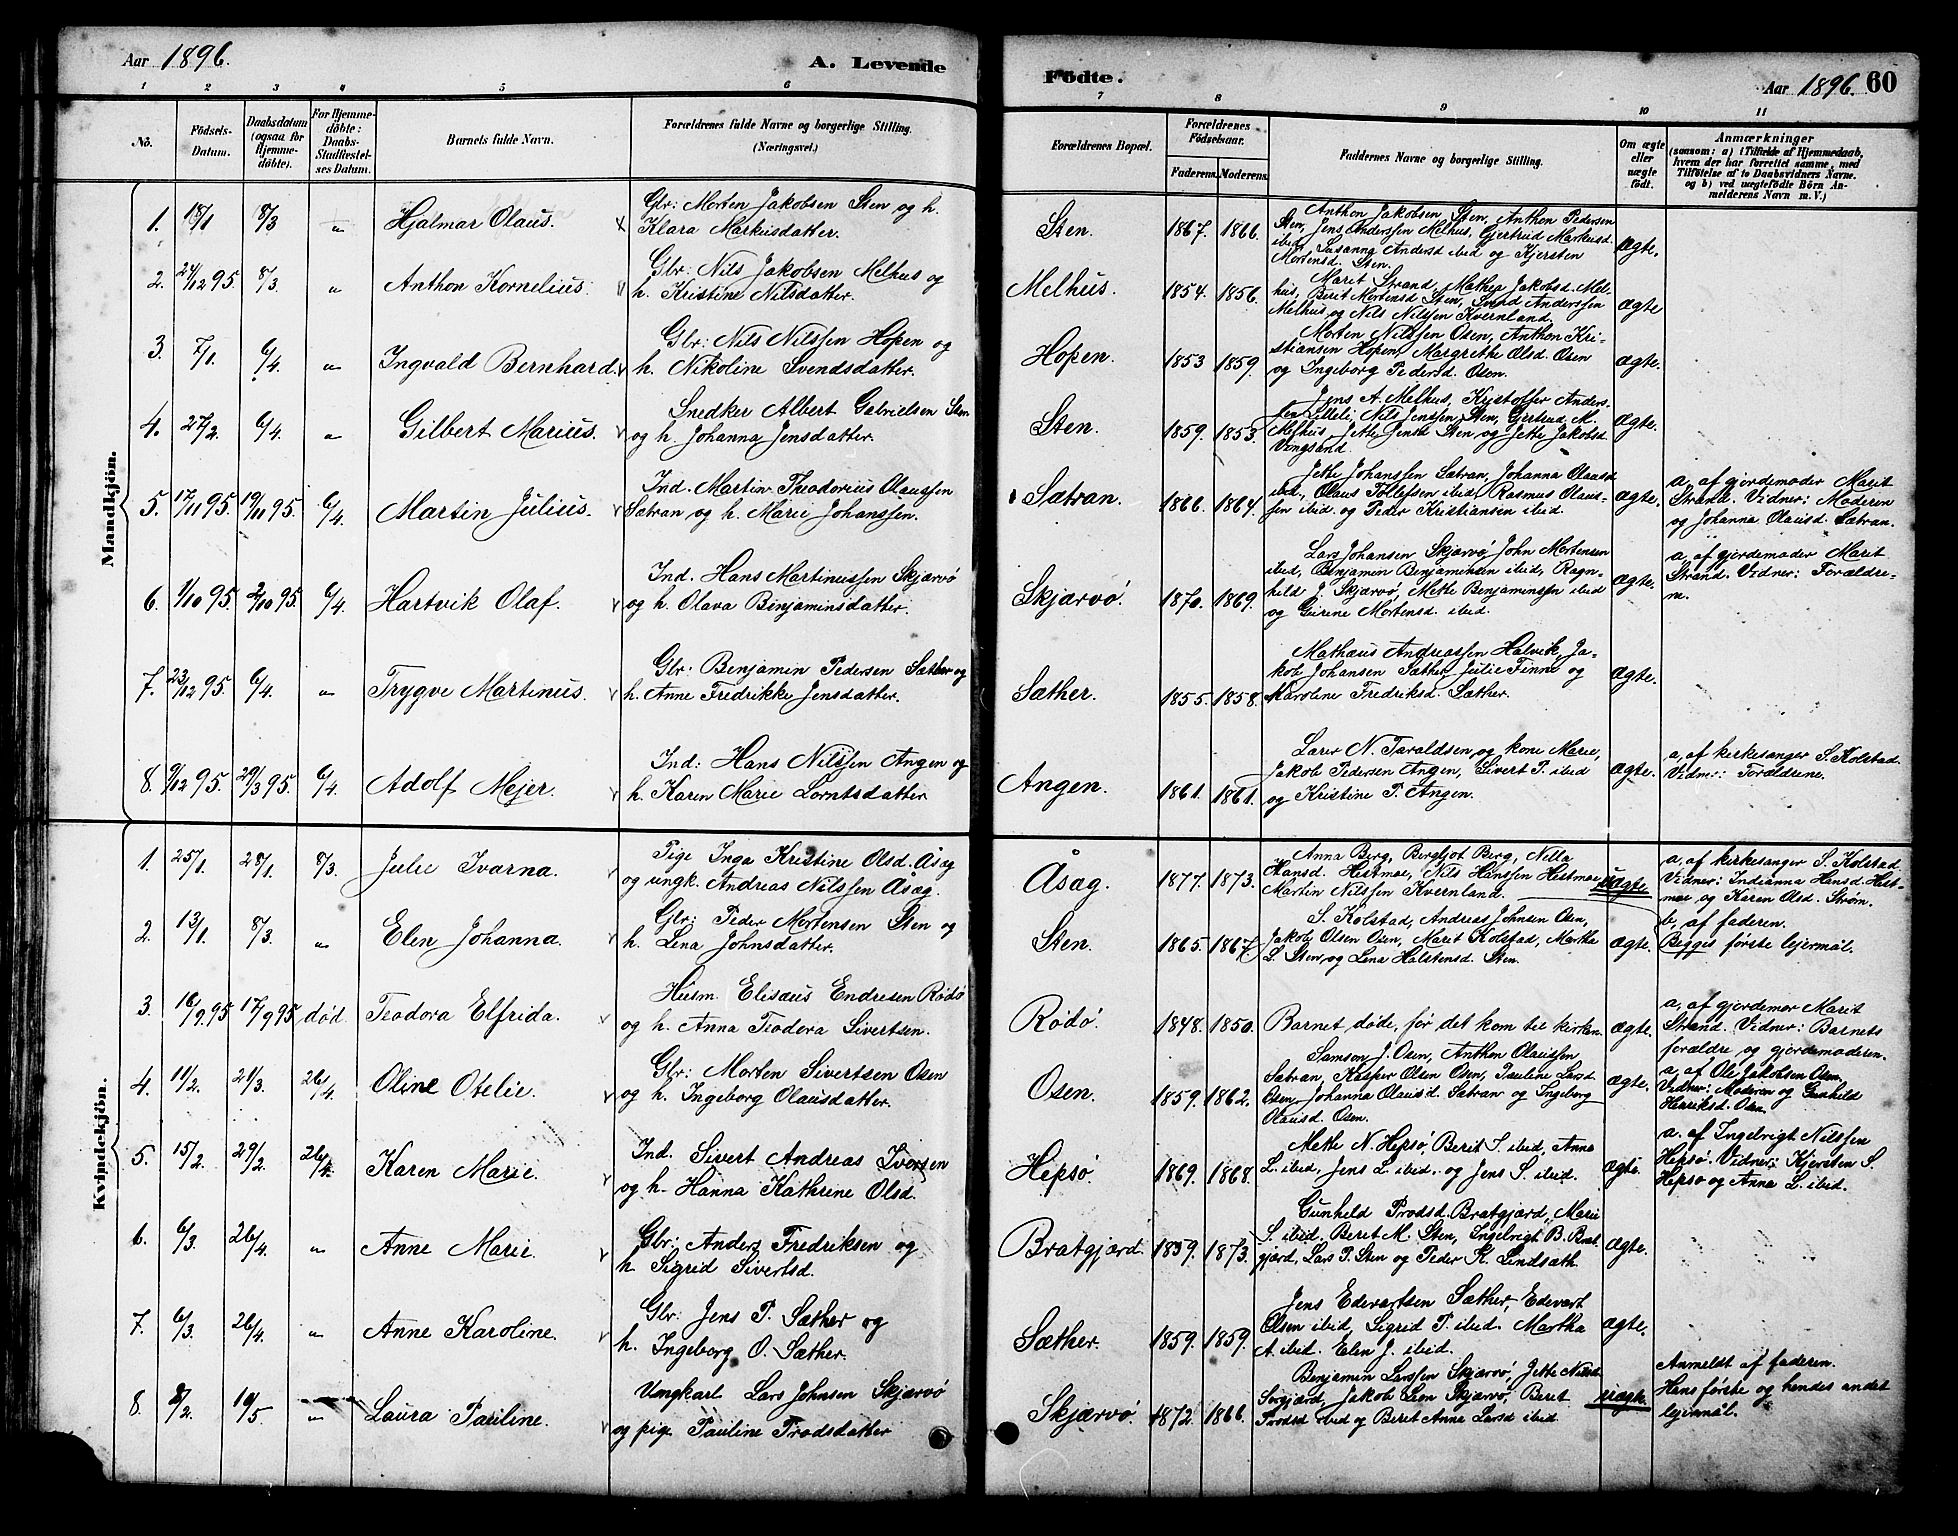 SAT, Ministerialprotokoller, klokkerbøker og fødselsregistre - Sør-Trøndelag, 658/L0726: Klokkerbok nr. 658C02, 1883-1908, s. 60